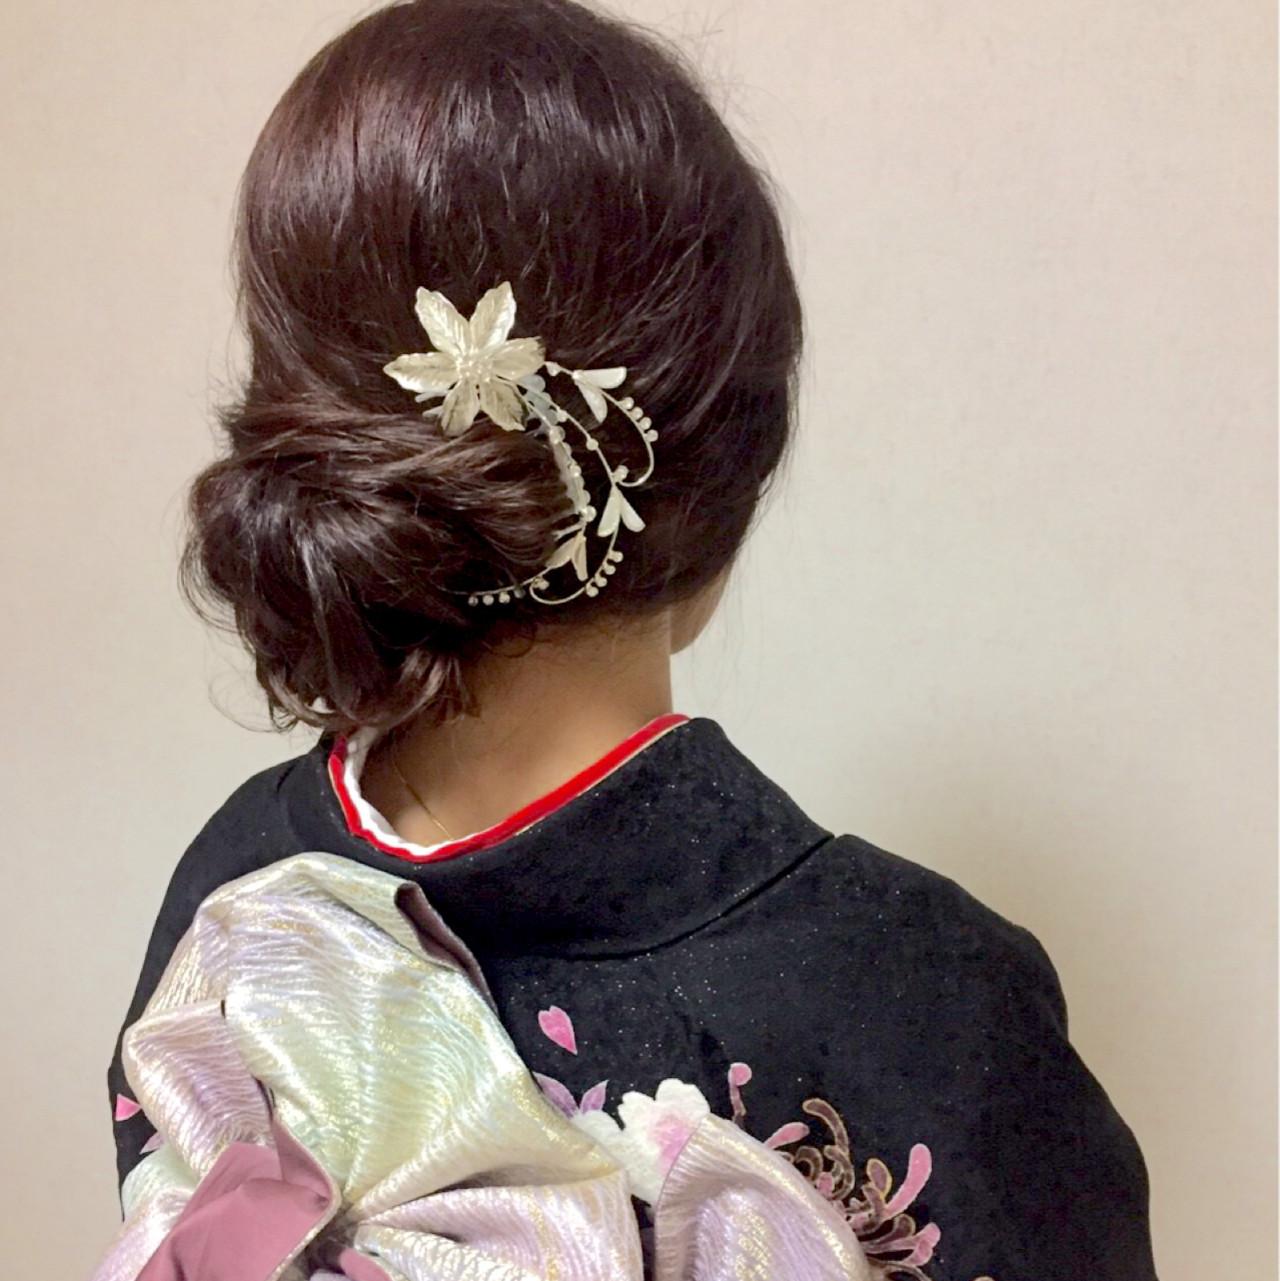 ツヤっぽい大人のミディアムヘアアレンジ Moriyama Mami